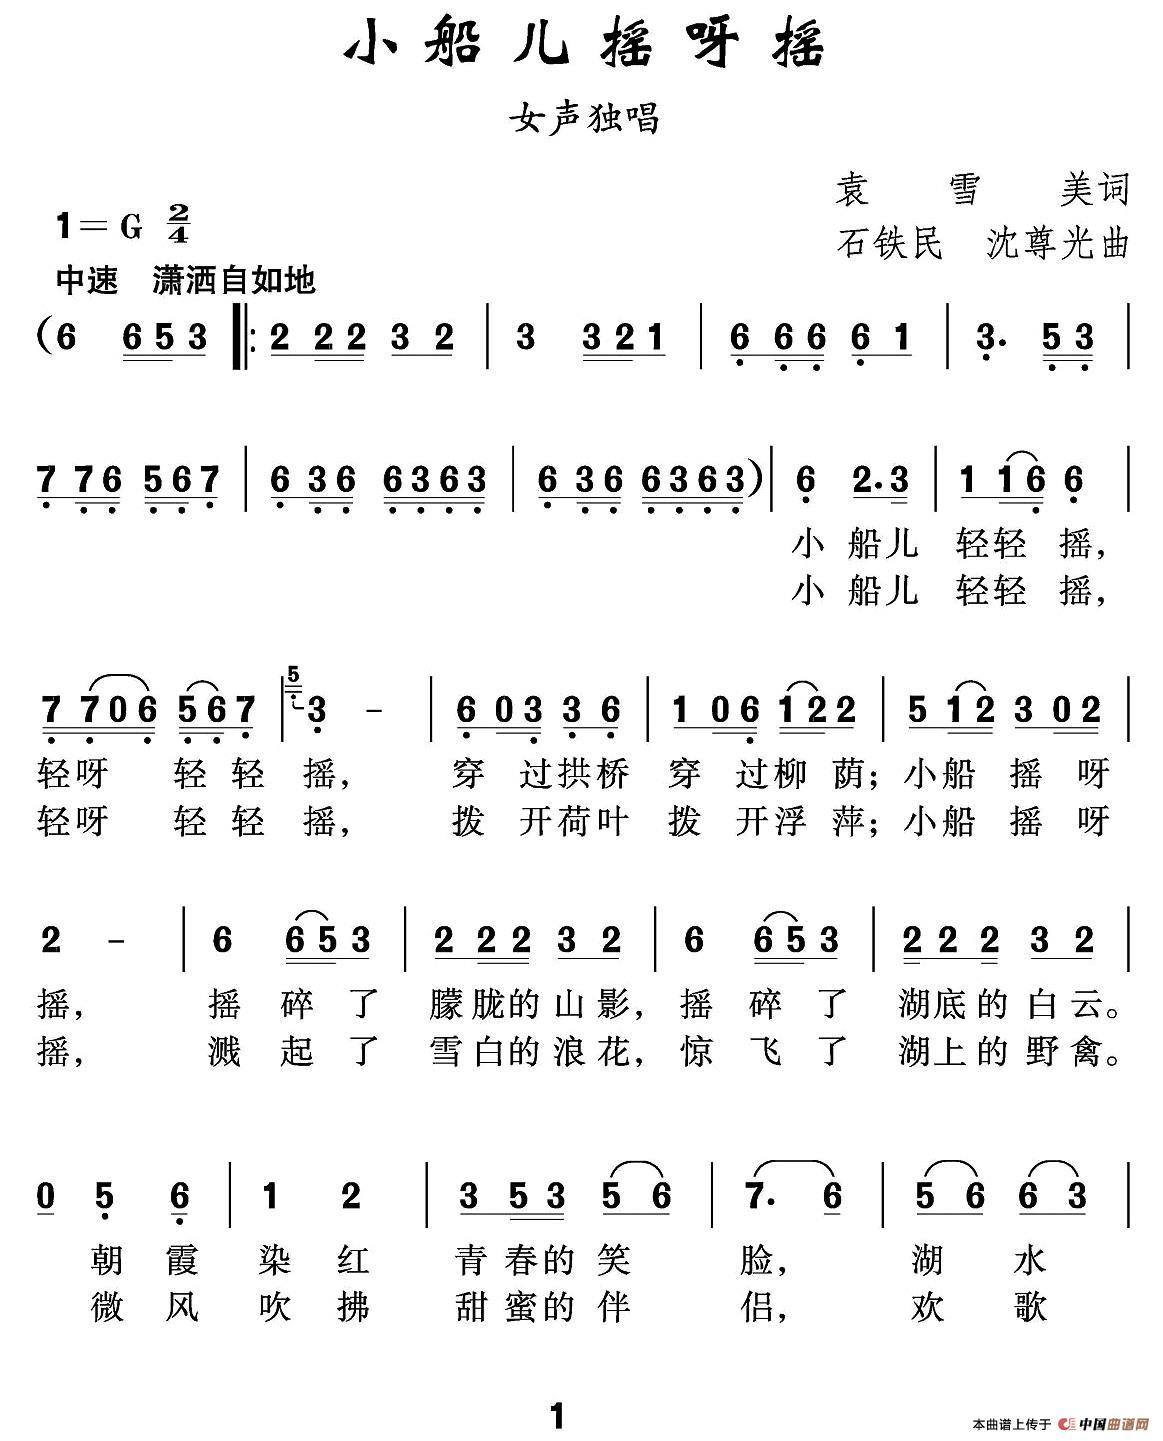 小船儿摇呀摇简谱_民歌曲谱_中国曲谱网;